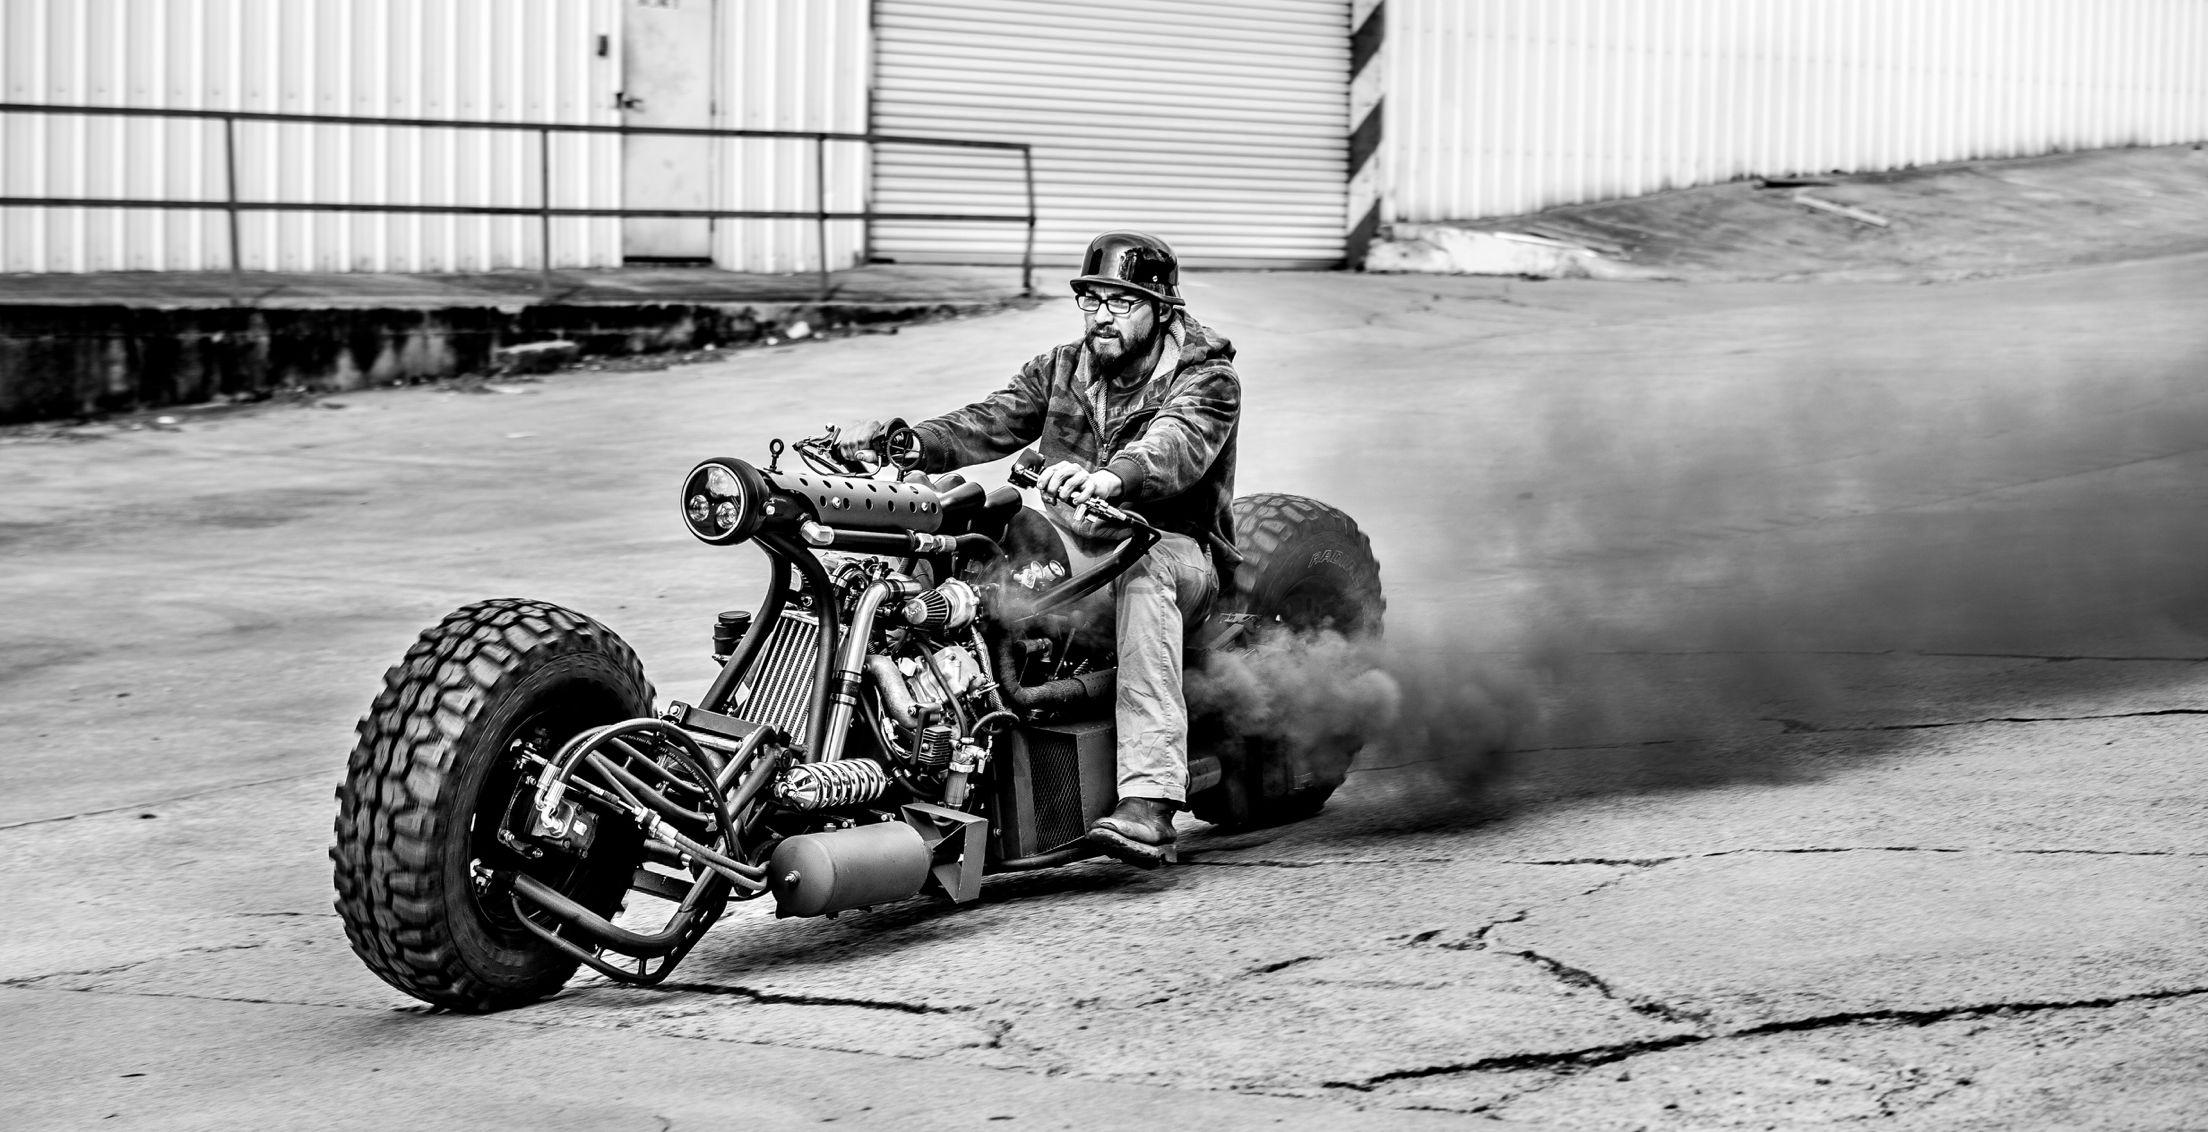 Hot biker Foxy Salt 97